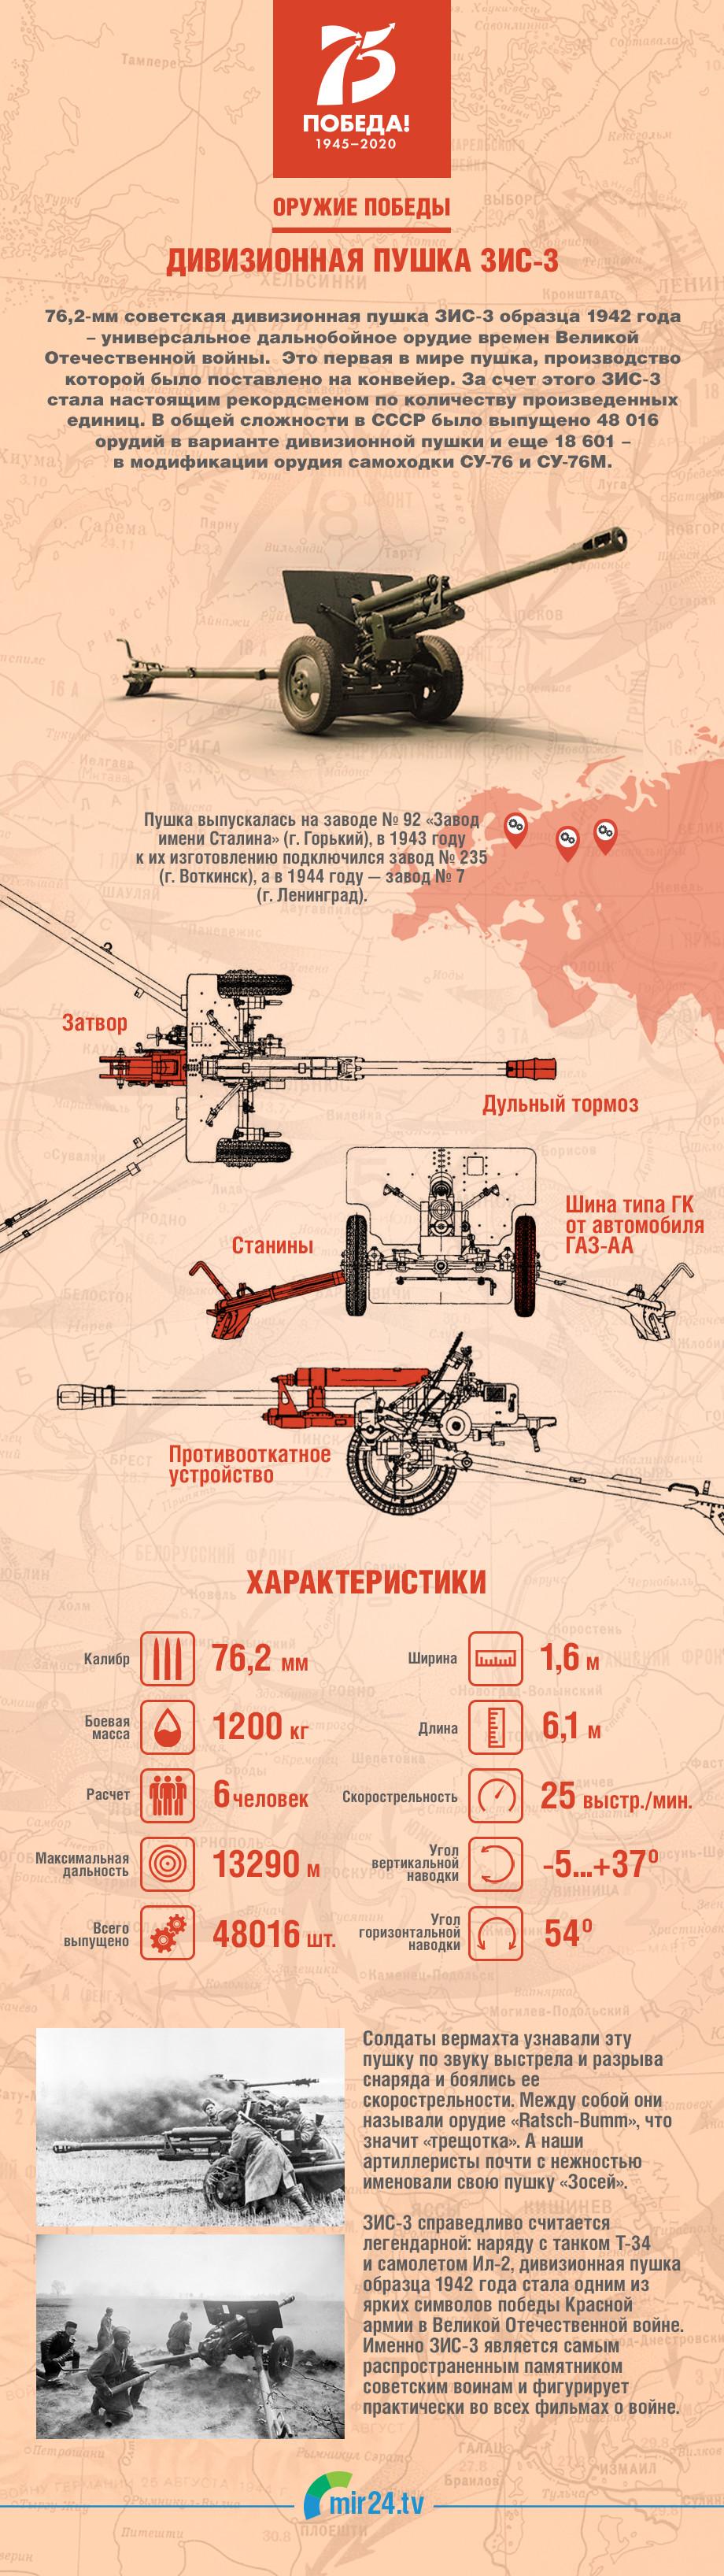 Оружие Победы: дивизионная 76-мм пушка ЗИС-3. ИНФОГРАФИКА